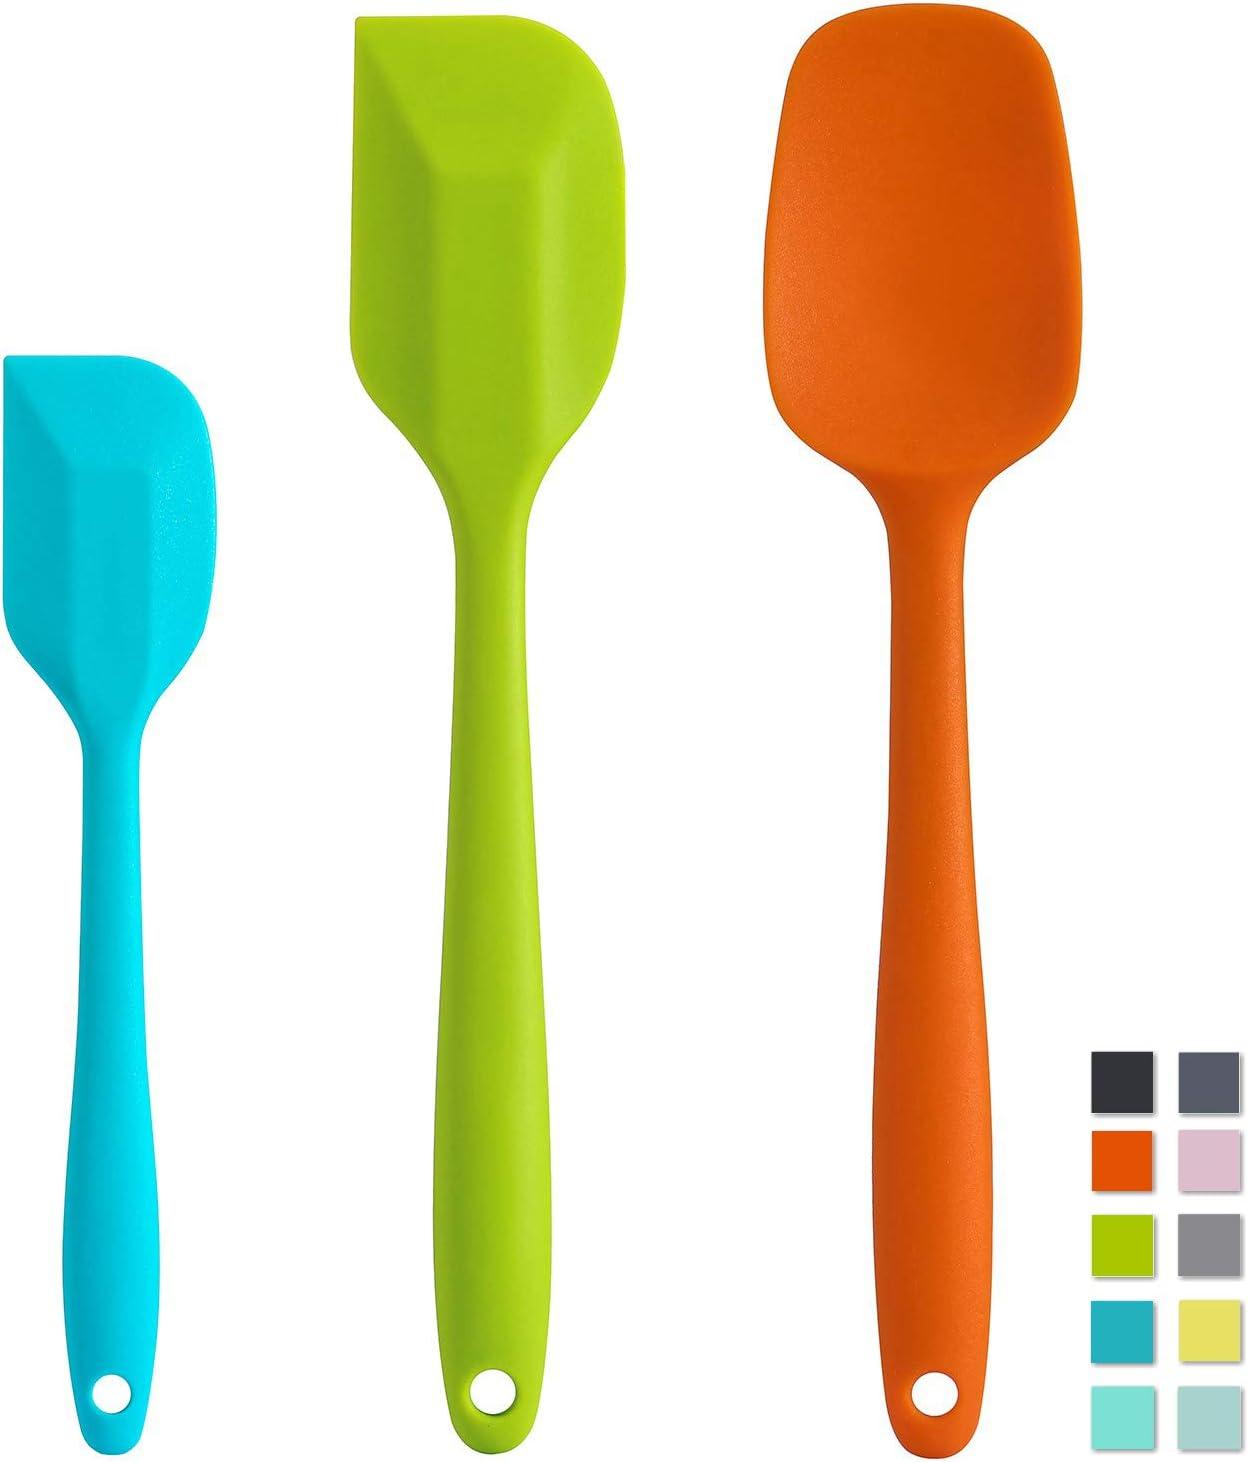 Cooptop Silicone Spatula Set - Rubber Spatula - Heat Resistant Baking Spoon & Spatulas - Pro Grade Non-stick Silicone with Steel Core (Multicolor)